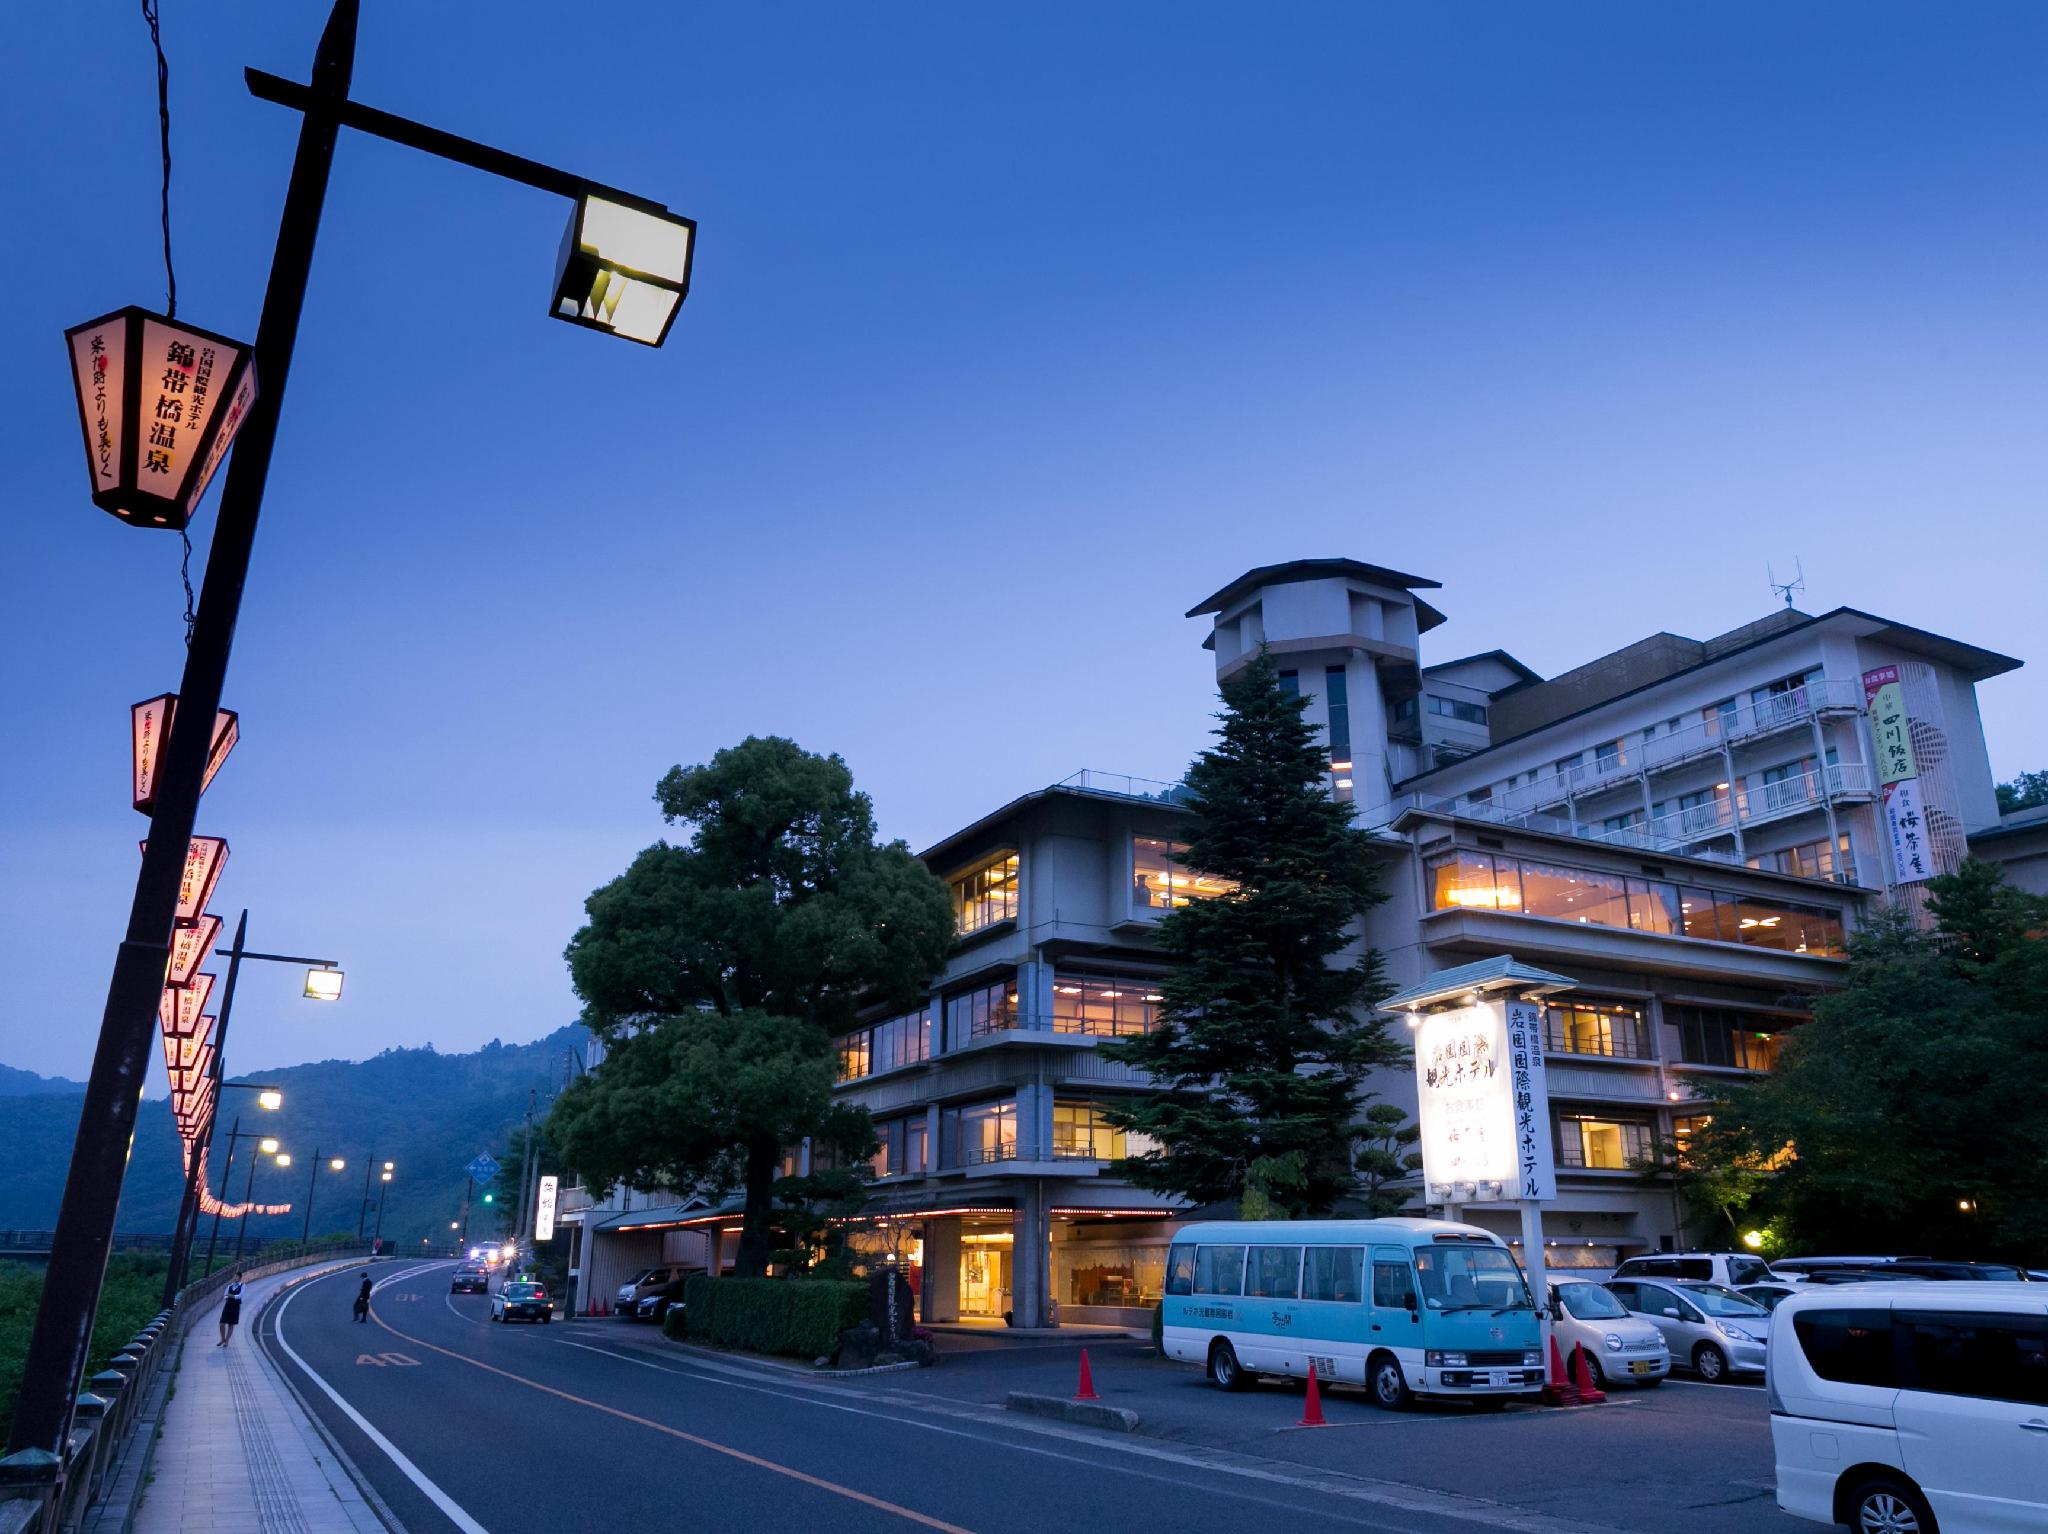 โรงแรมอิวาคูนิ โคคูไซ คันโก